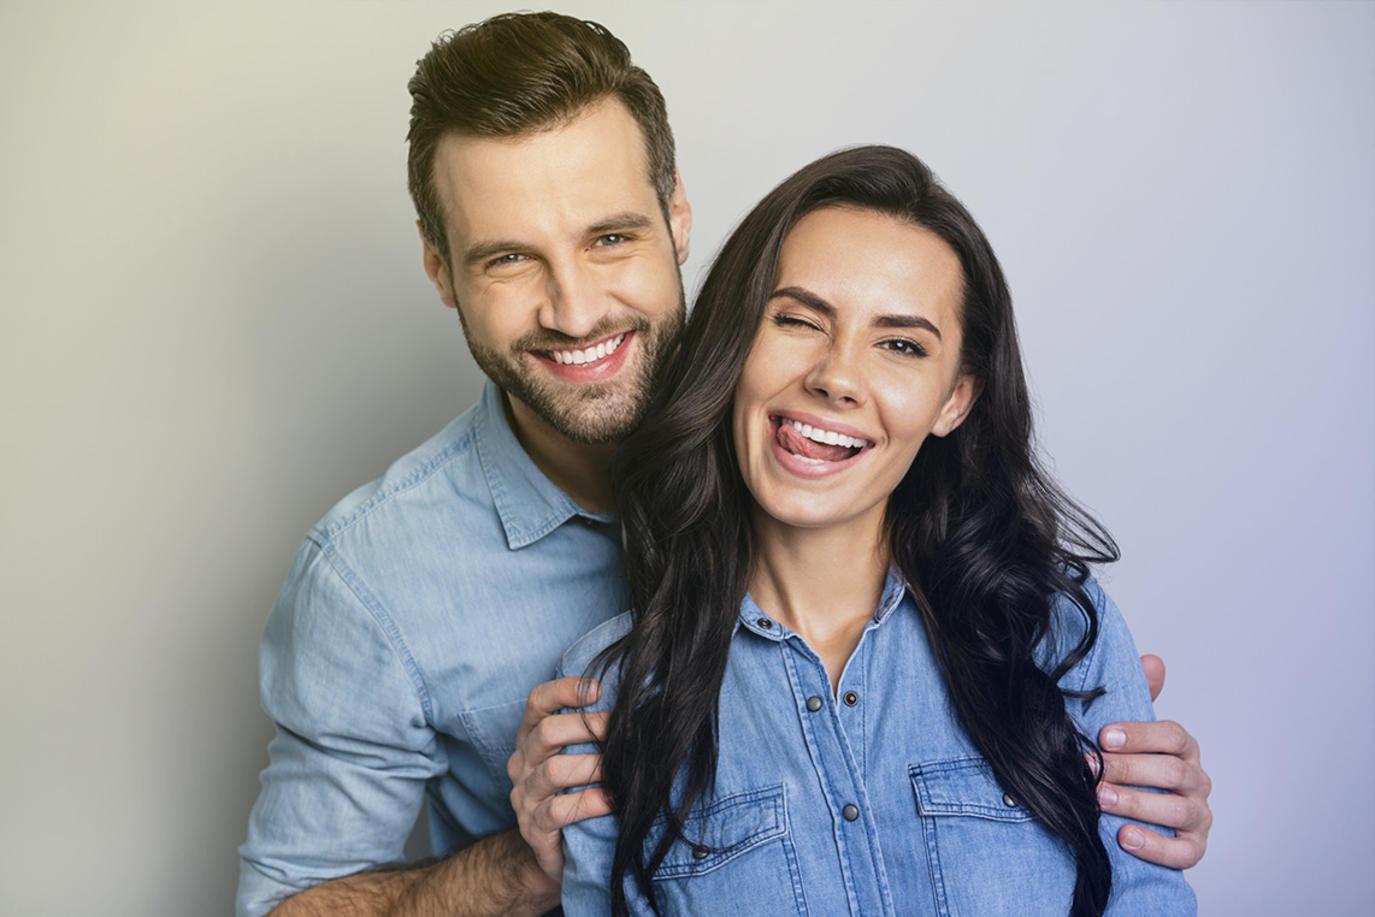 كيفية التعامل مع الشريك الحساس ؟